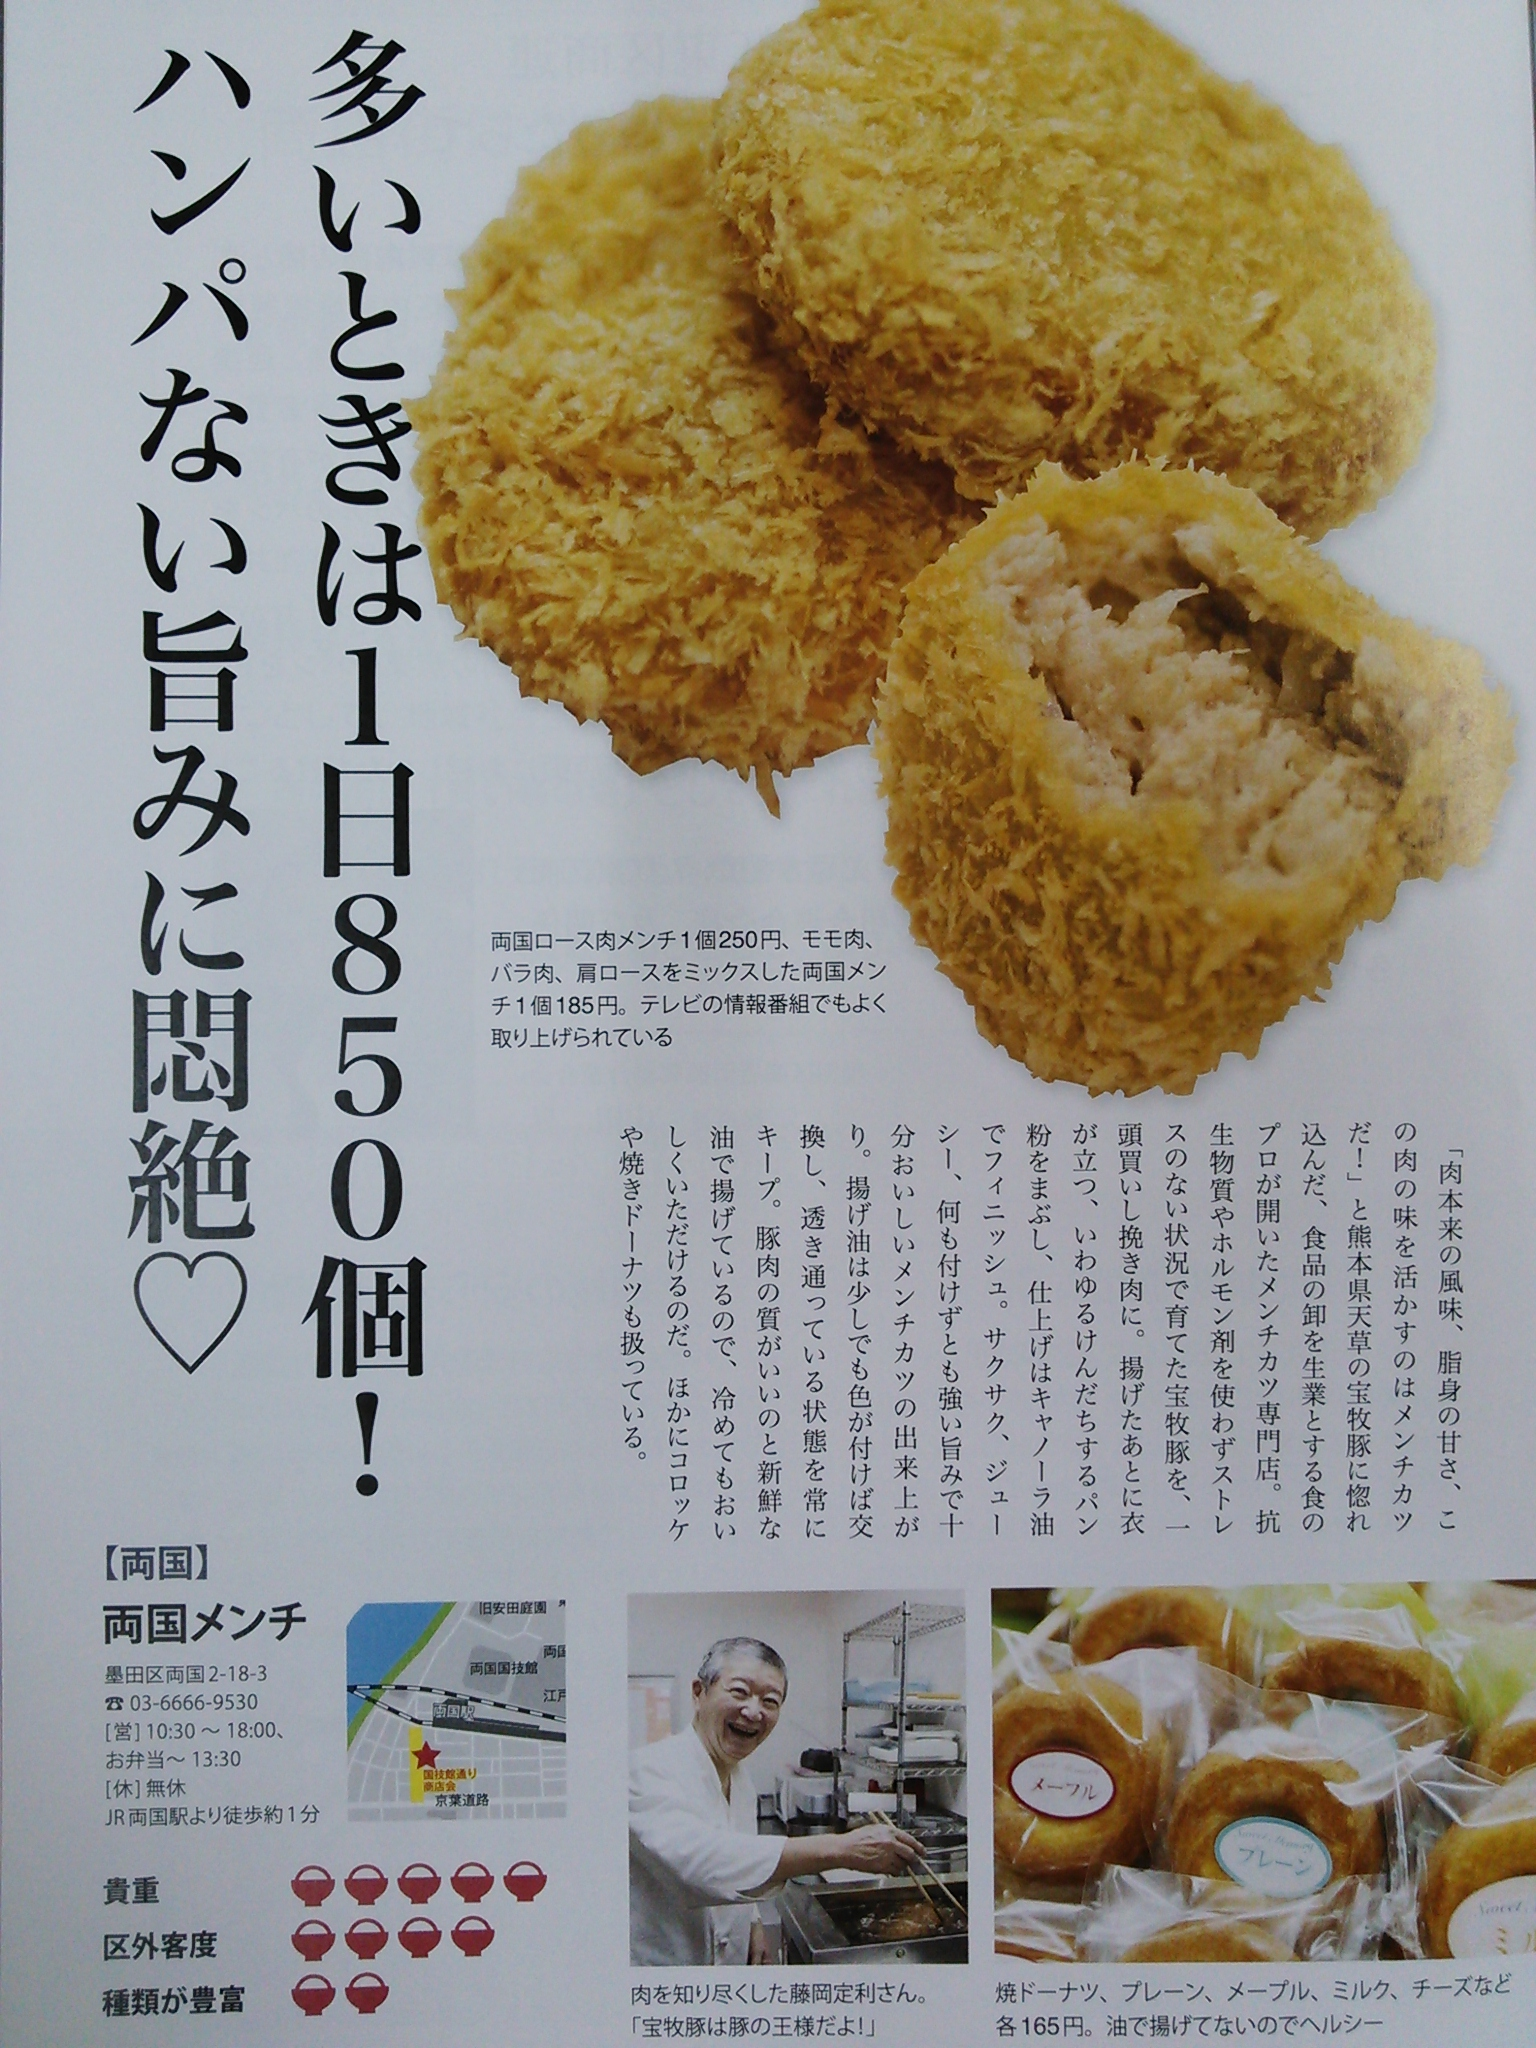 墨田区の情報誌「パンとおかず」に紹介されました